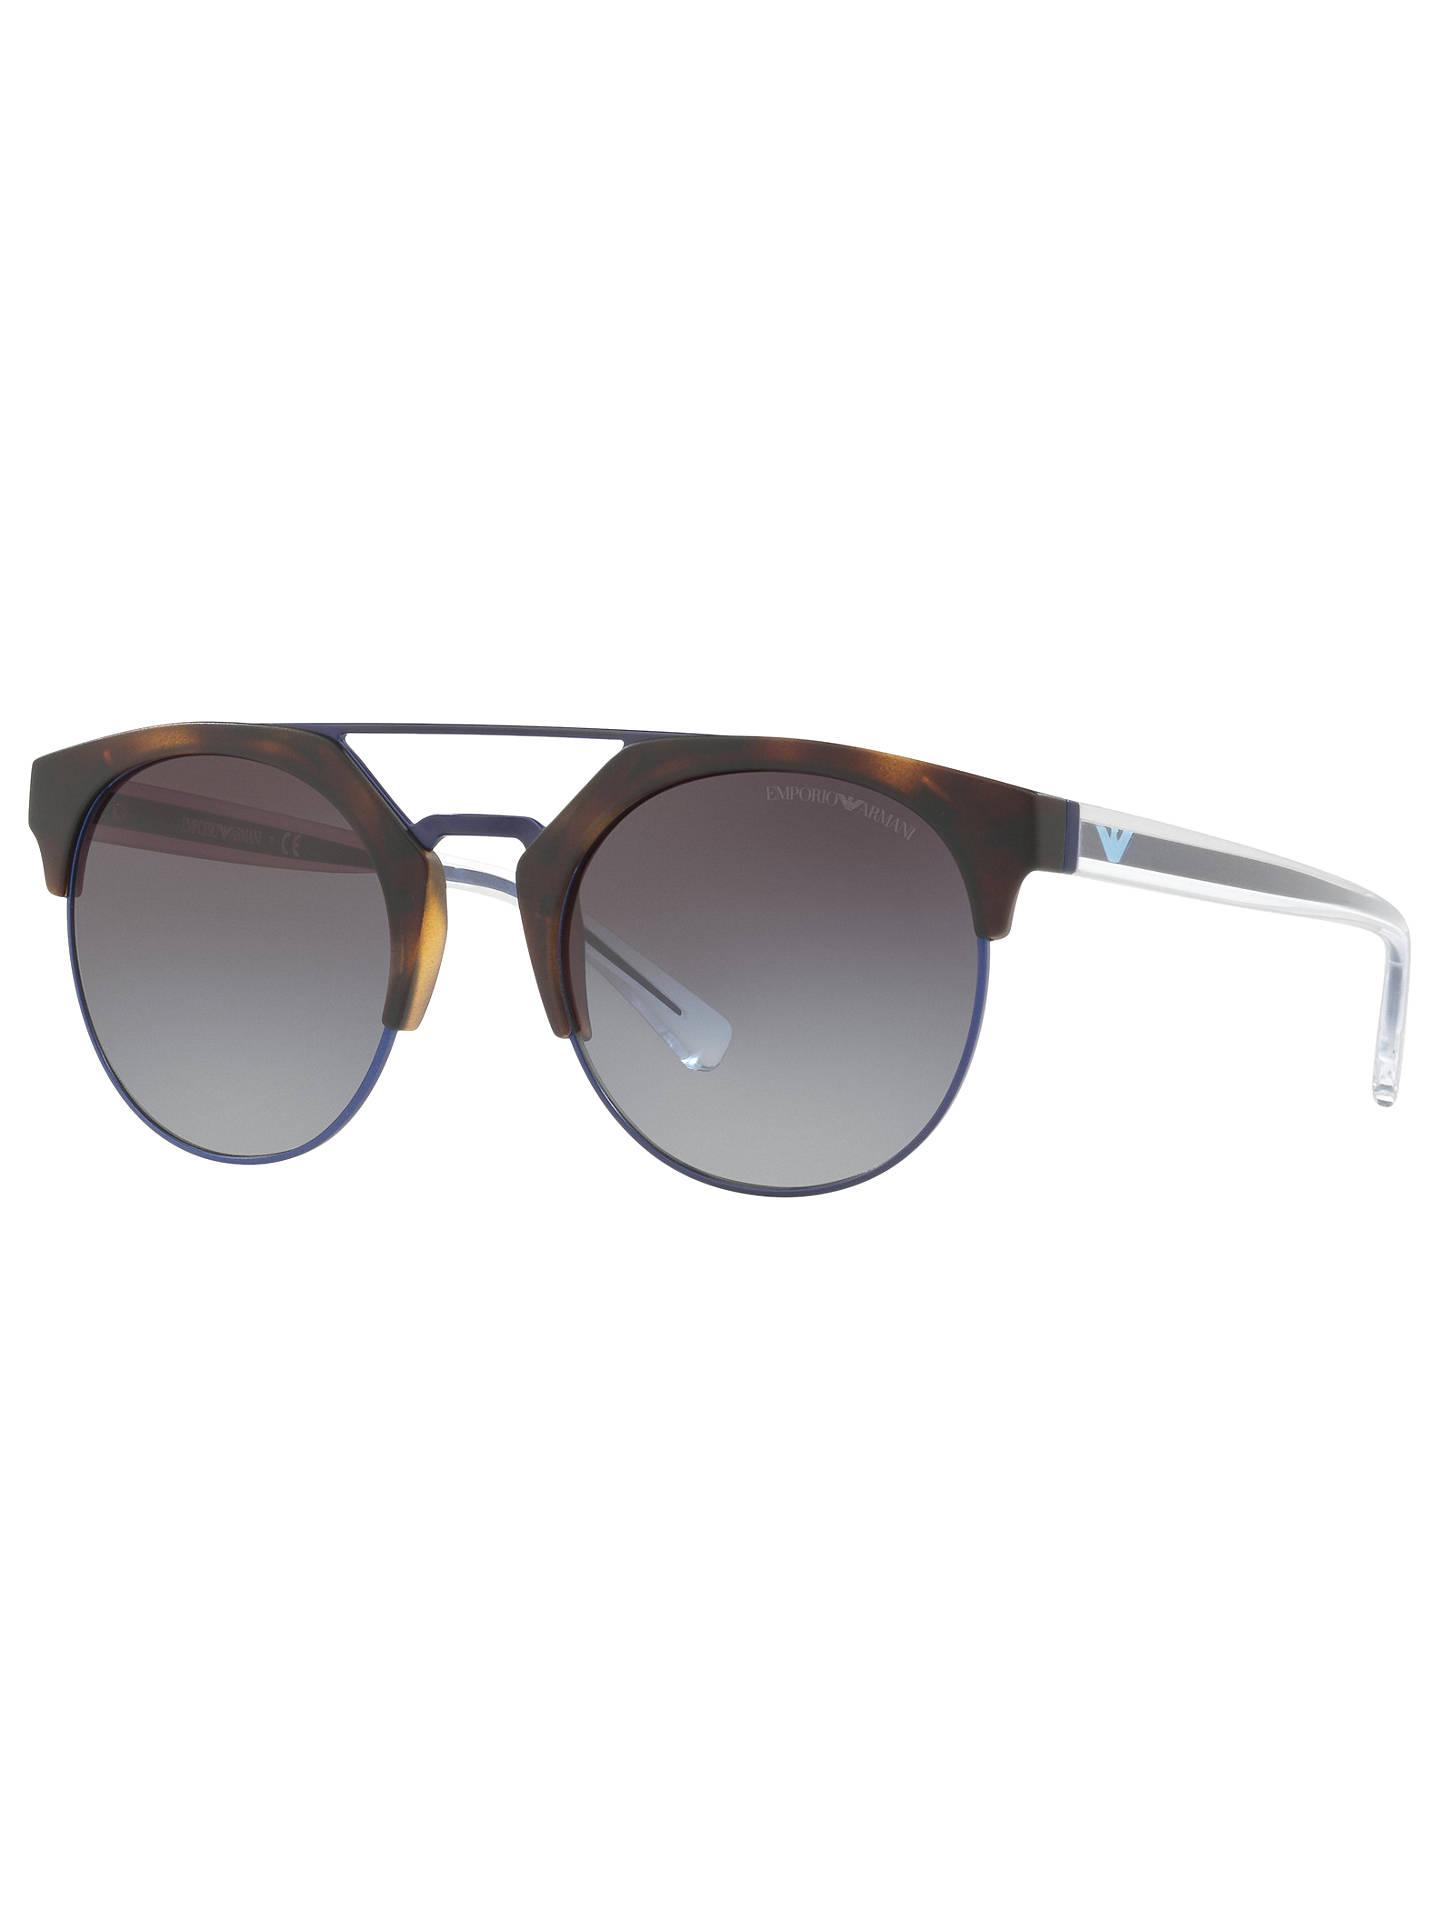 41a84584dbf BuyEmporio Armani EA4092 Round Sunglasses